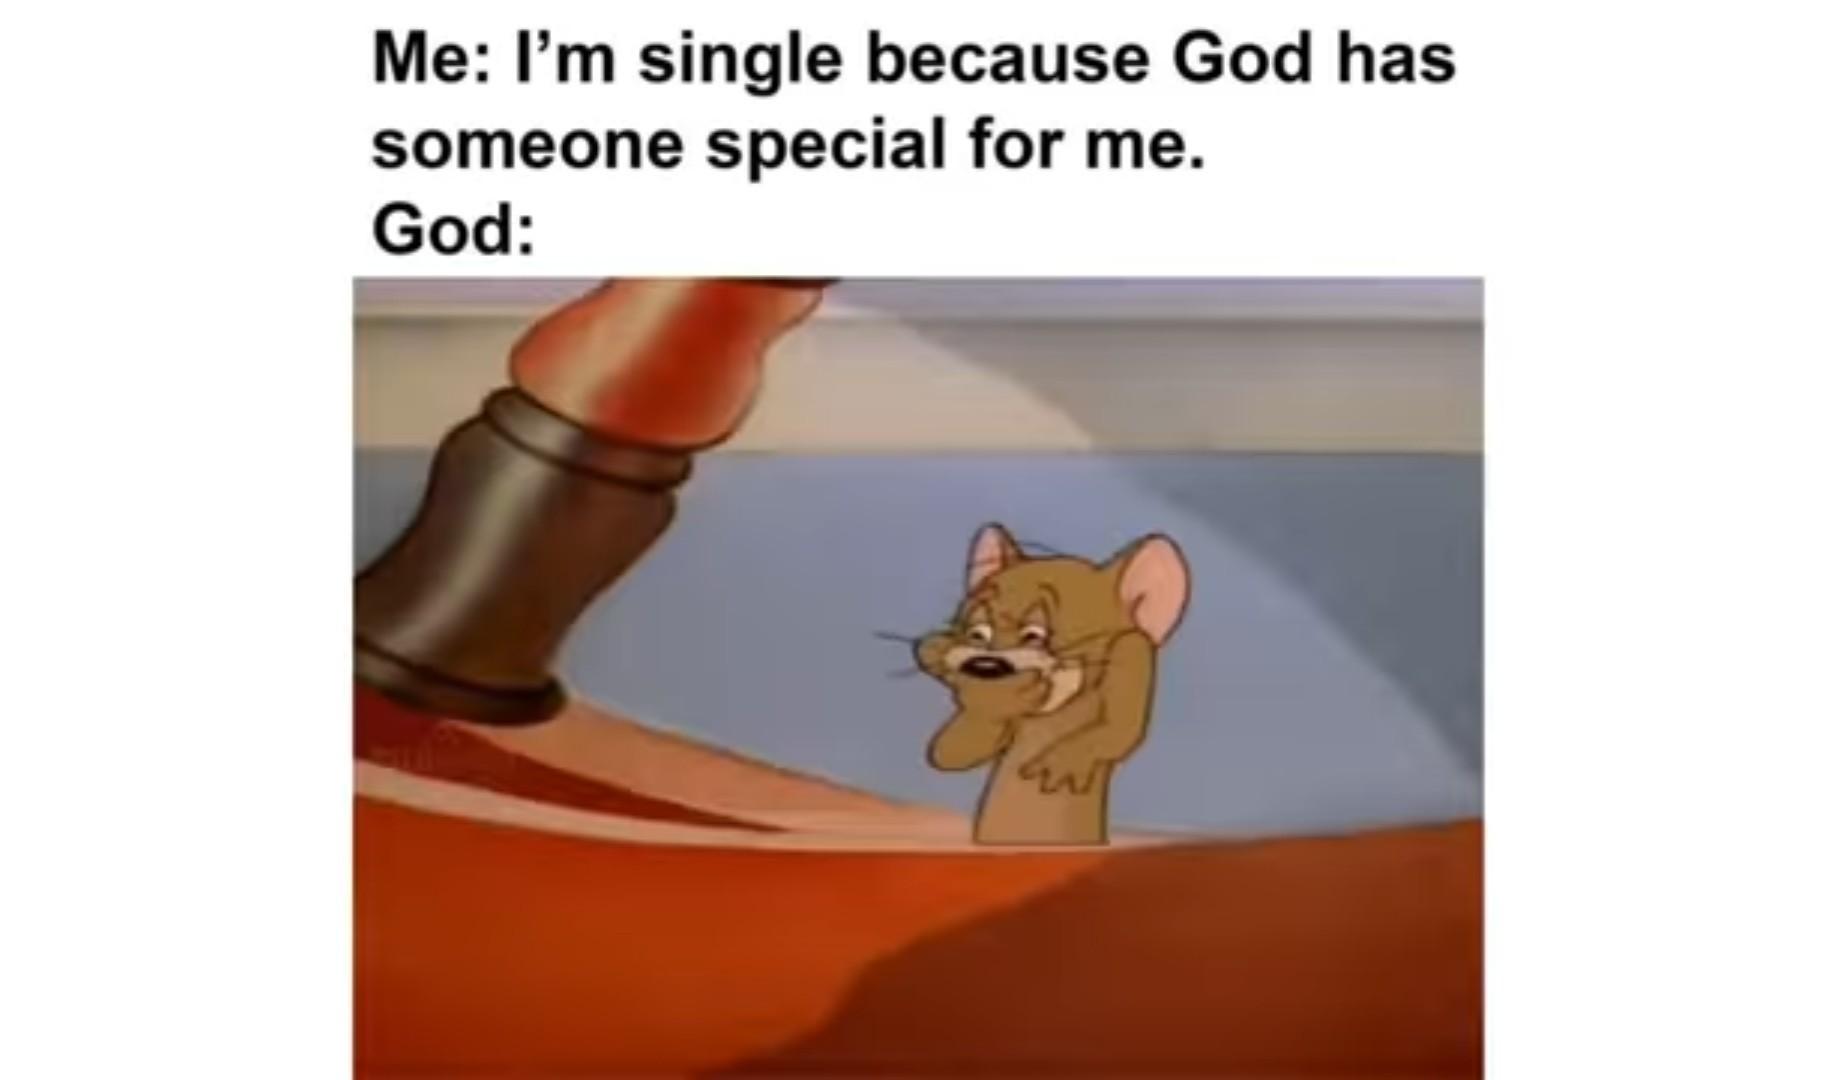 Me in a nutshell - meme